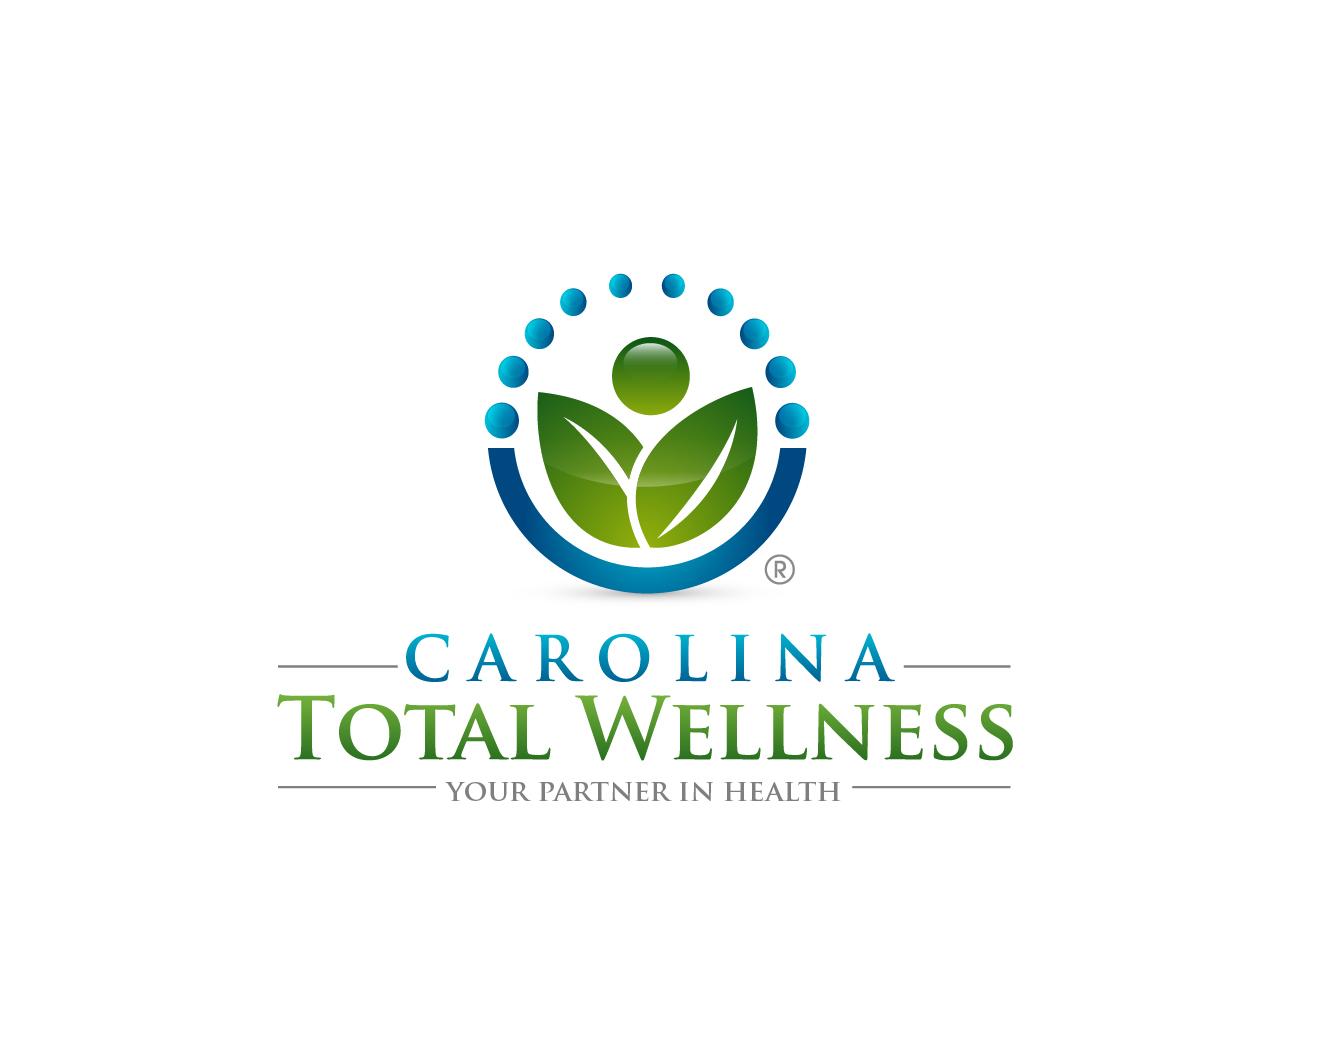 Carolina Total Wellness